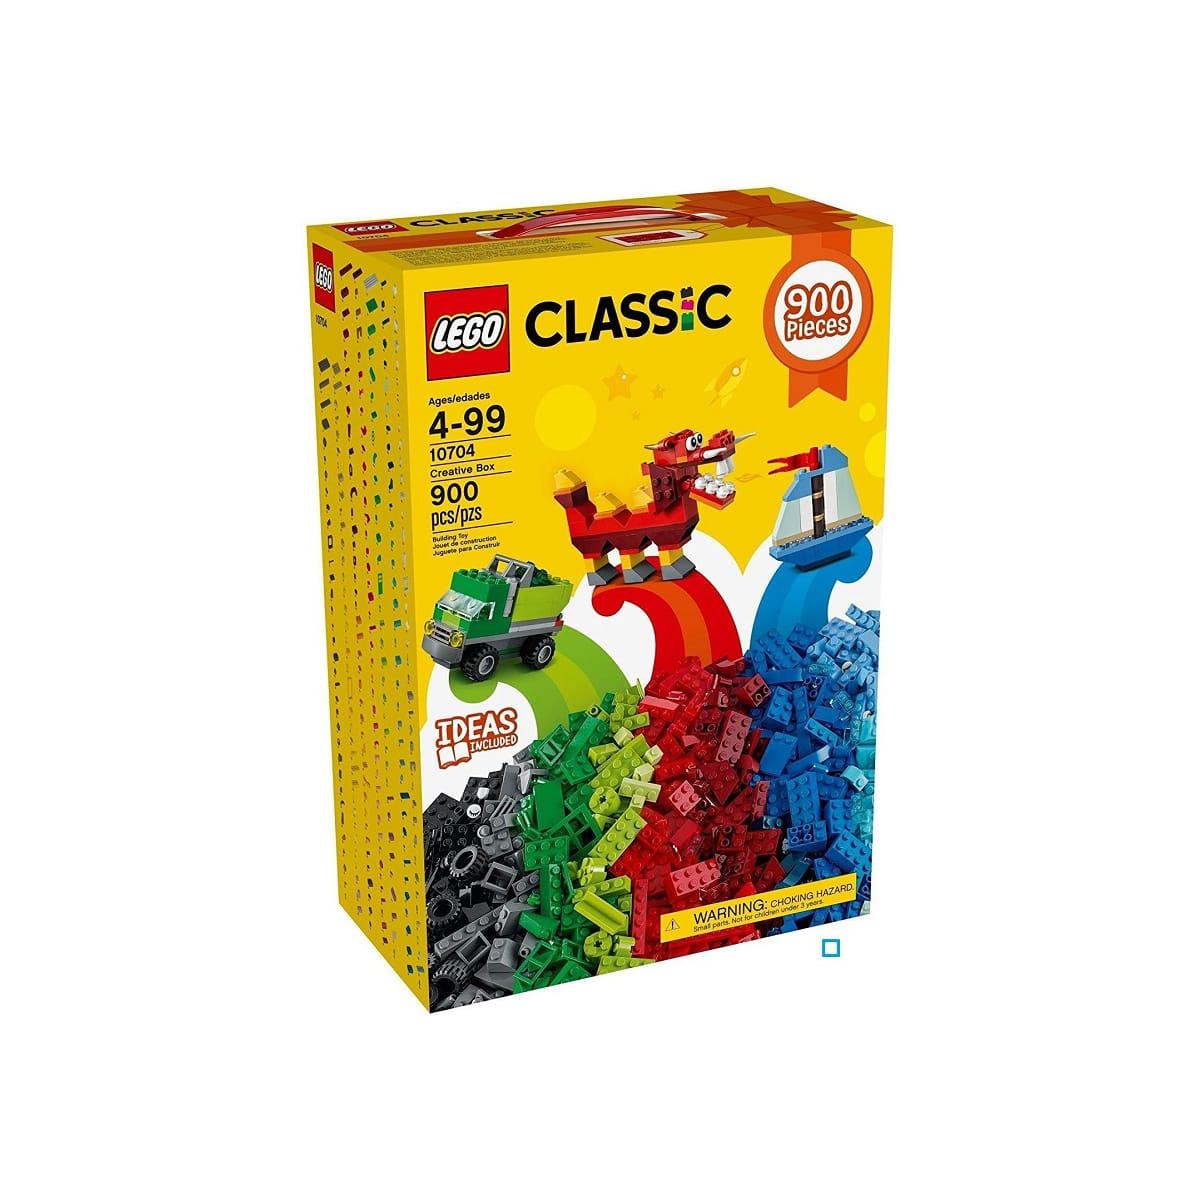 """Lego Classic 10704 """"Grande Boîte de Construction"""" - 900 pièces (Auchan et Carrefour)"""